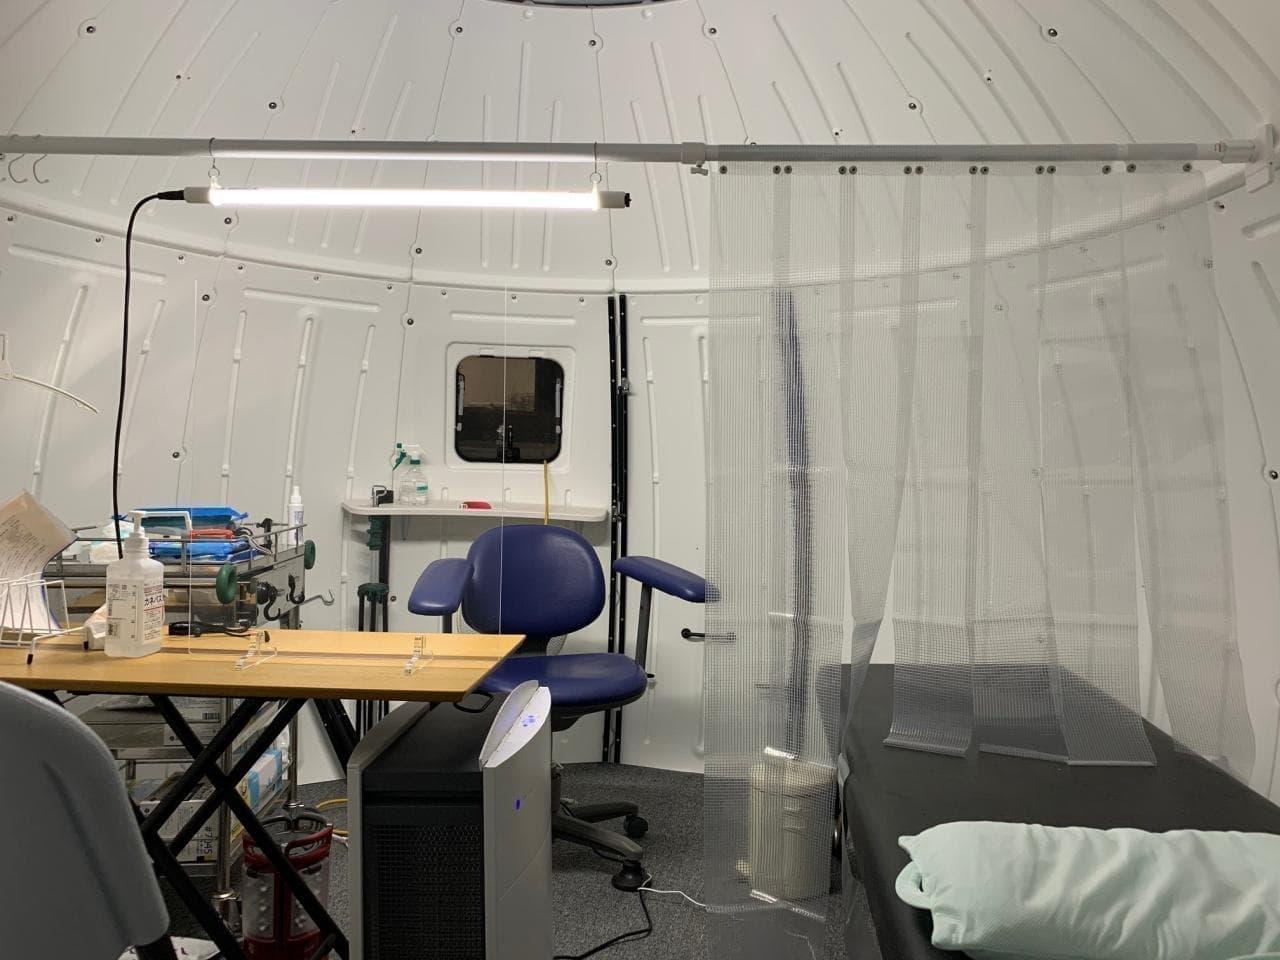 キャンプ・アウトドア向けの「EZDOME HOUSE」が新型コロナ対策として医療施設に導入